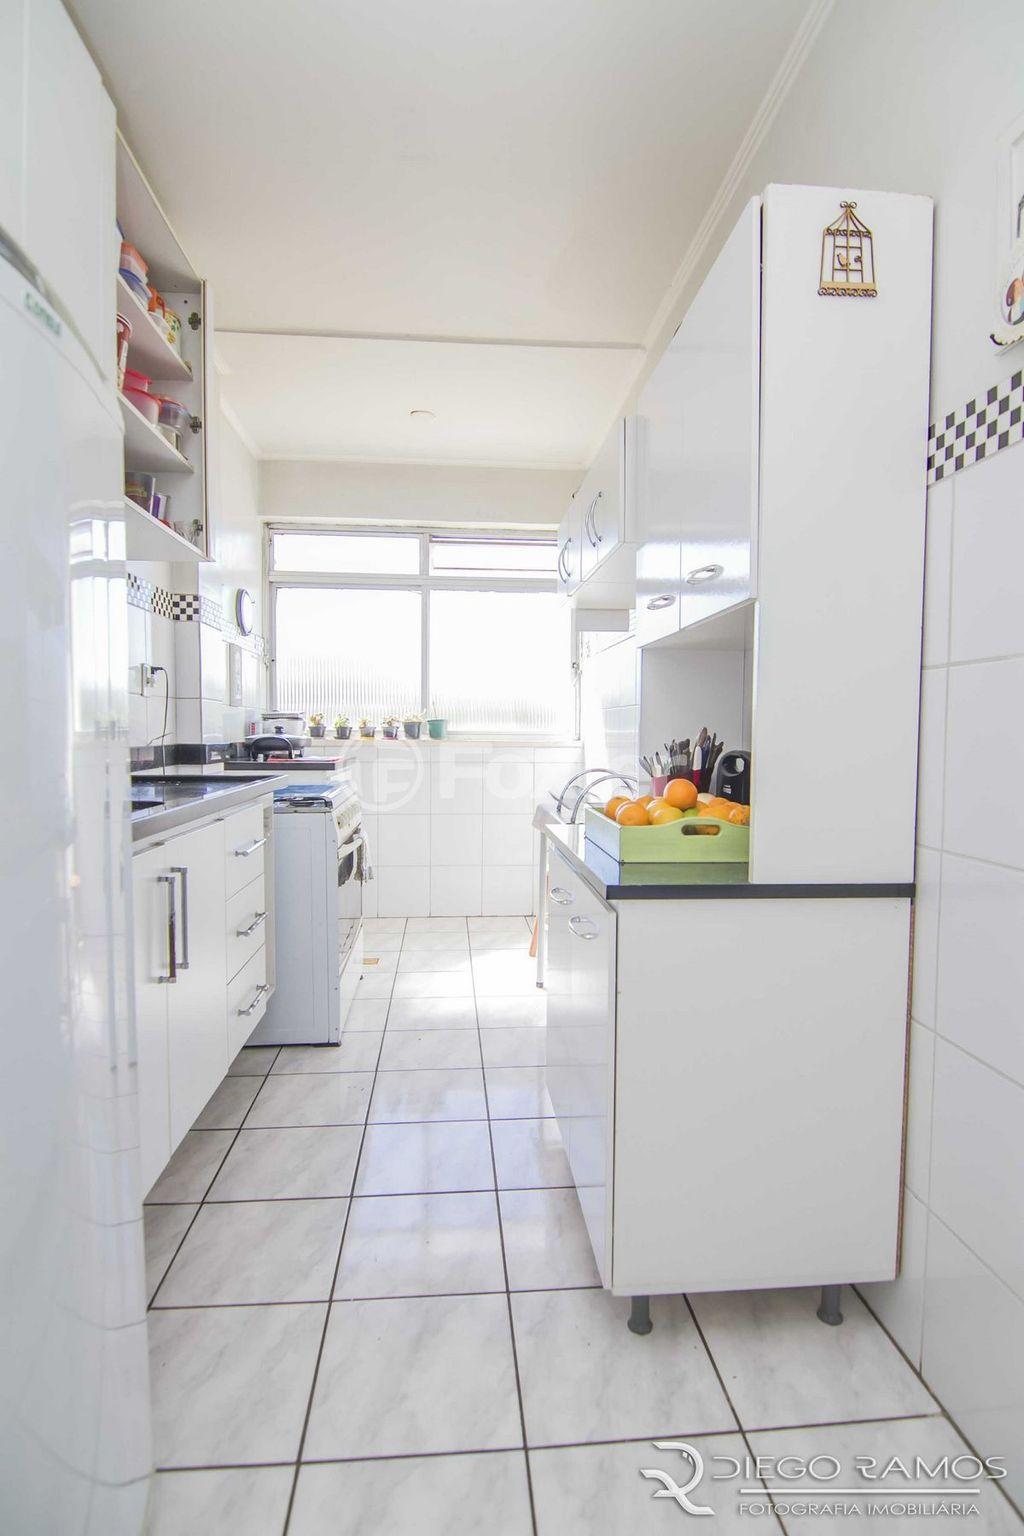 Cobertura 4 Dorm, Medianeira, Porto Alegre (147170) - Foto 11